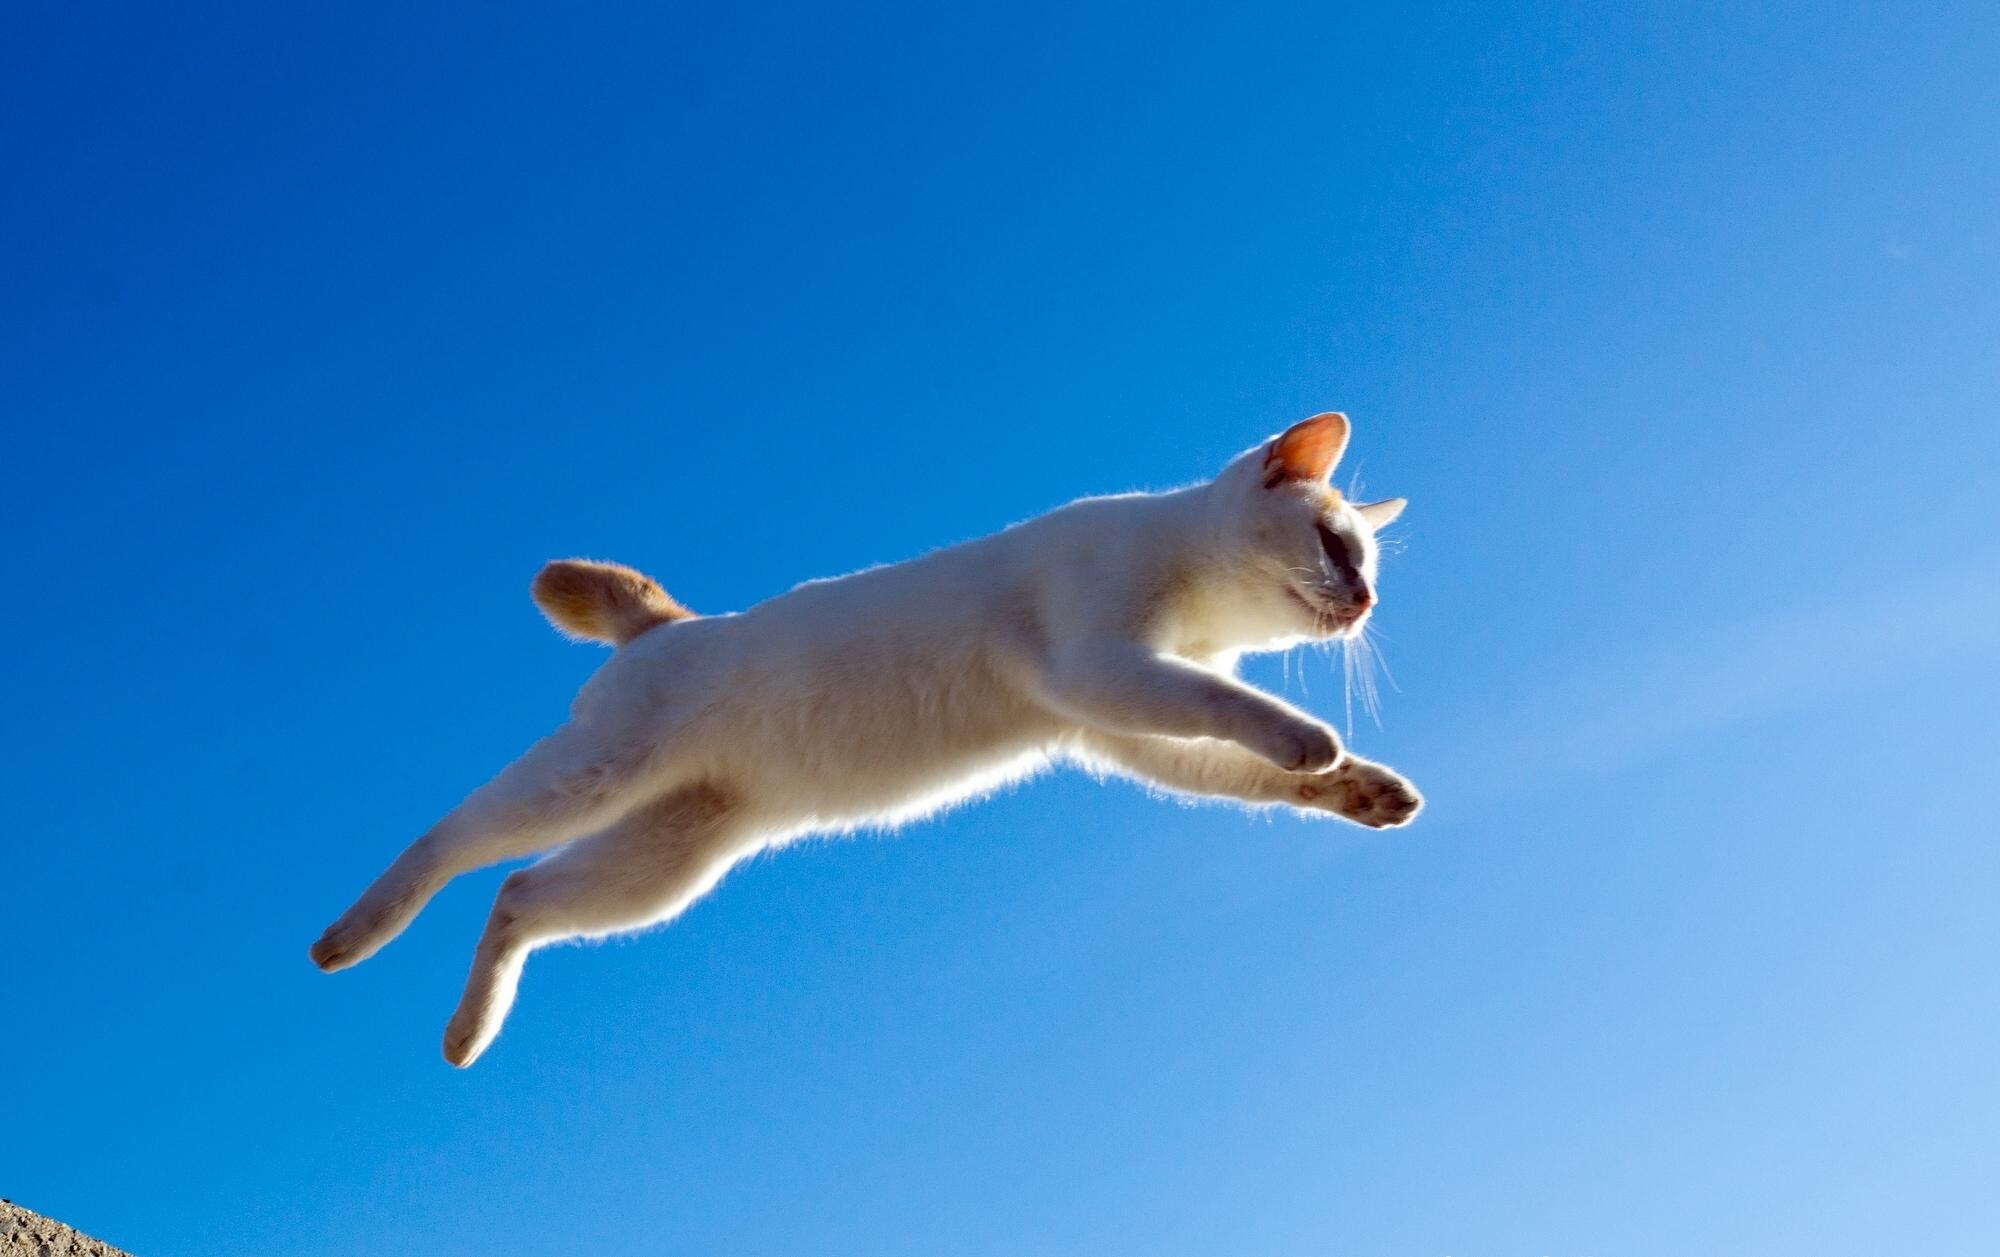 Картинка: Кошка, прыжок, небо, высота